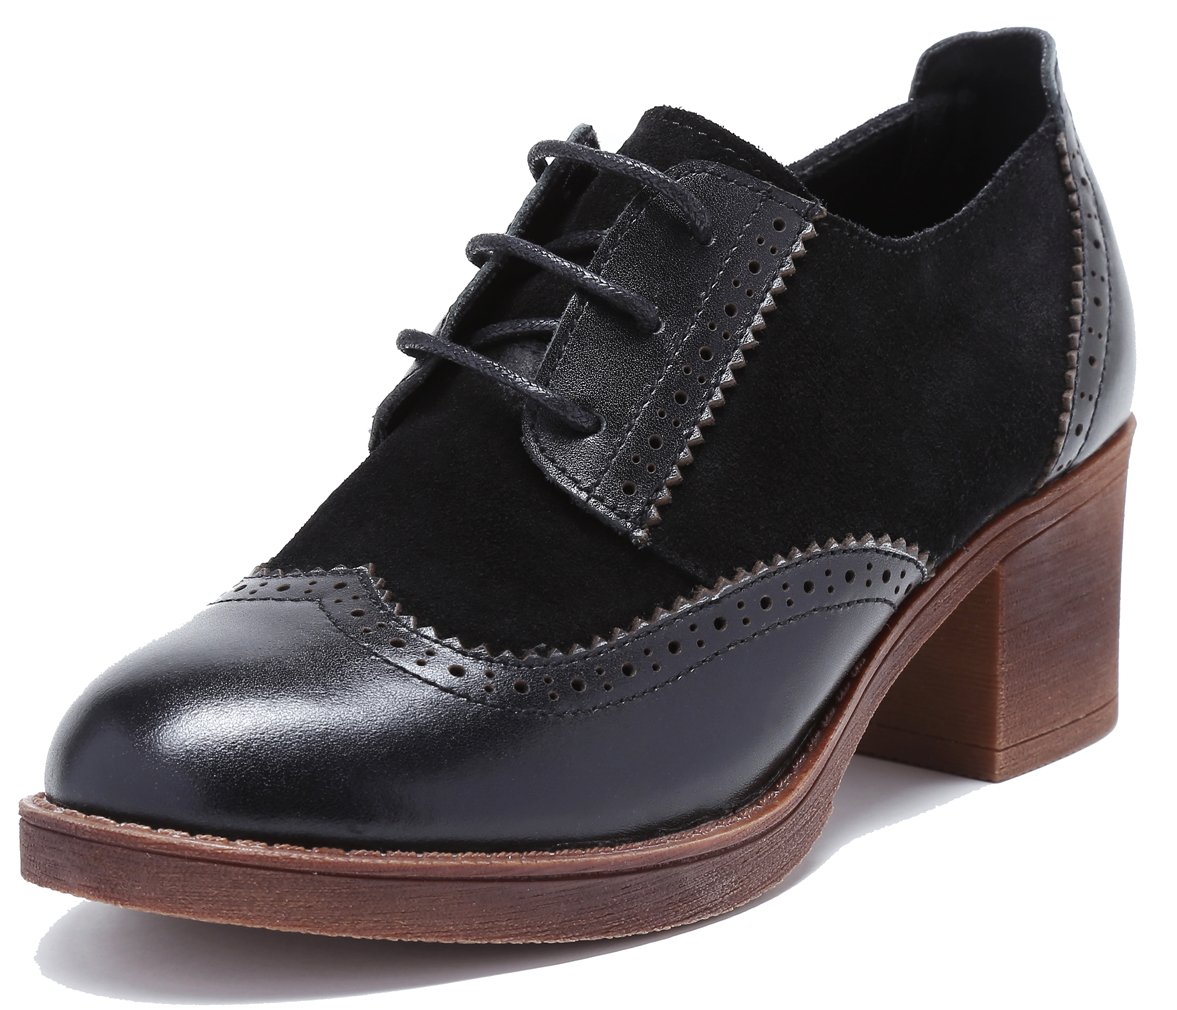 SimpleC à Femmes Pieced-Up Suede en Suede Cuir De Oxford Vache à Lacets en Cuir Pompe Oxford Lacets Chaussures Bureau Comfy Chaussures à Talon Noir 92b5120 - epictionpvp.space